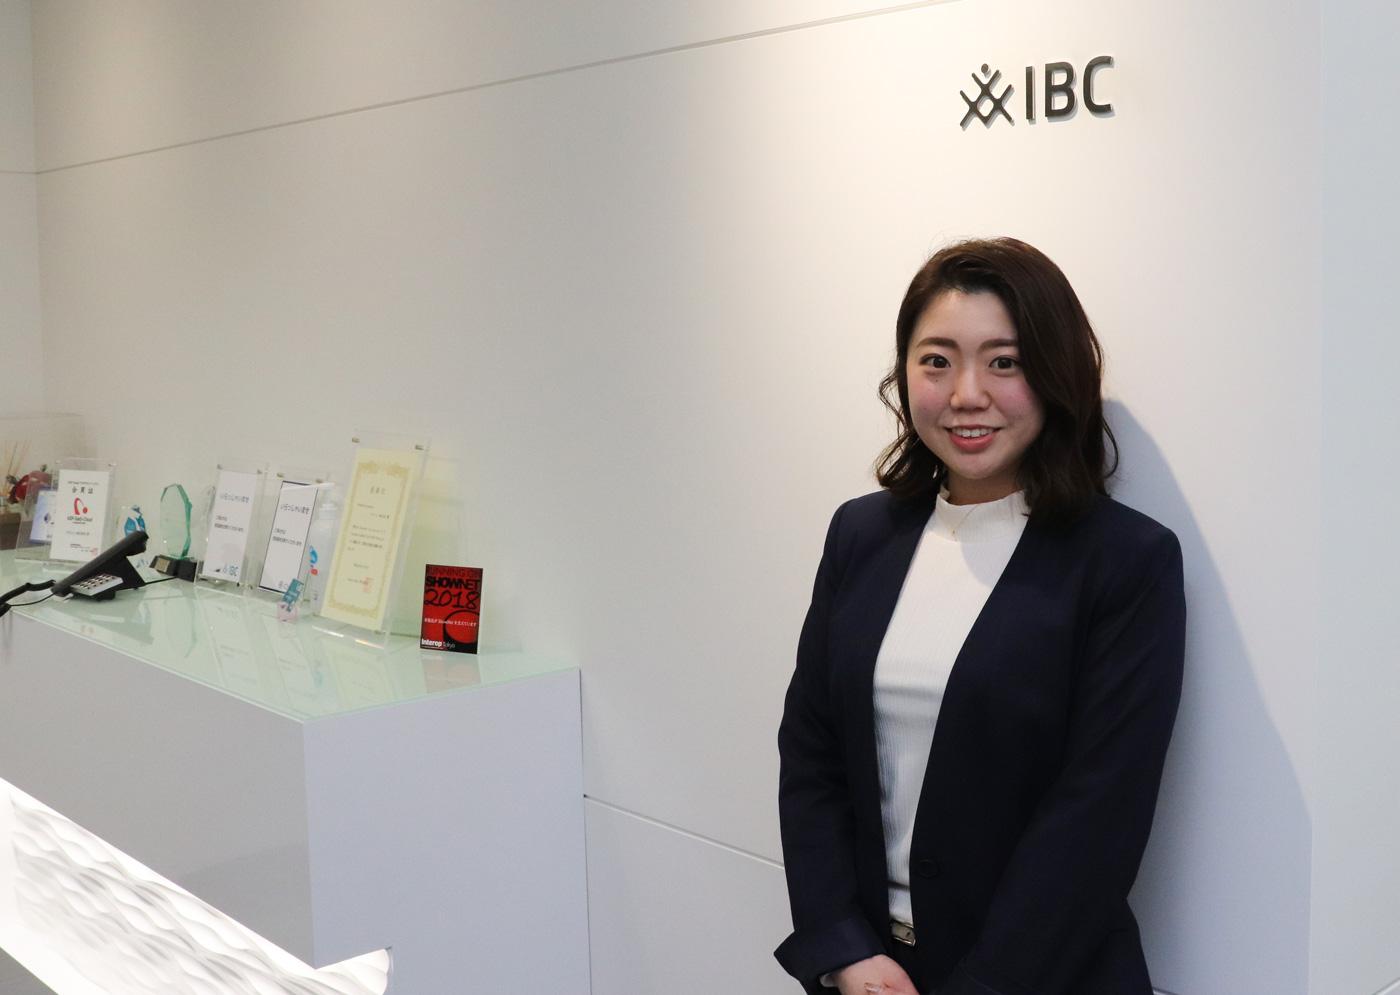 アイビーシー株式会社 東日本営業部 アカウントリーダー 相原 菜摘様